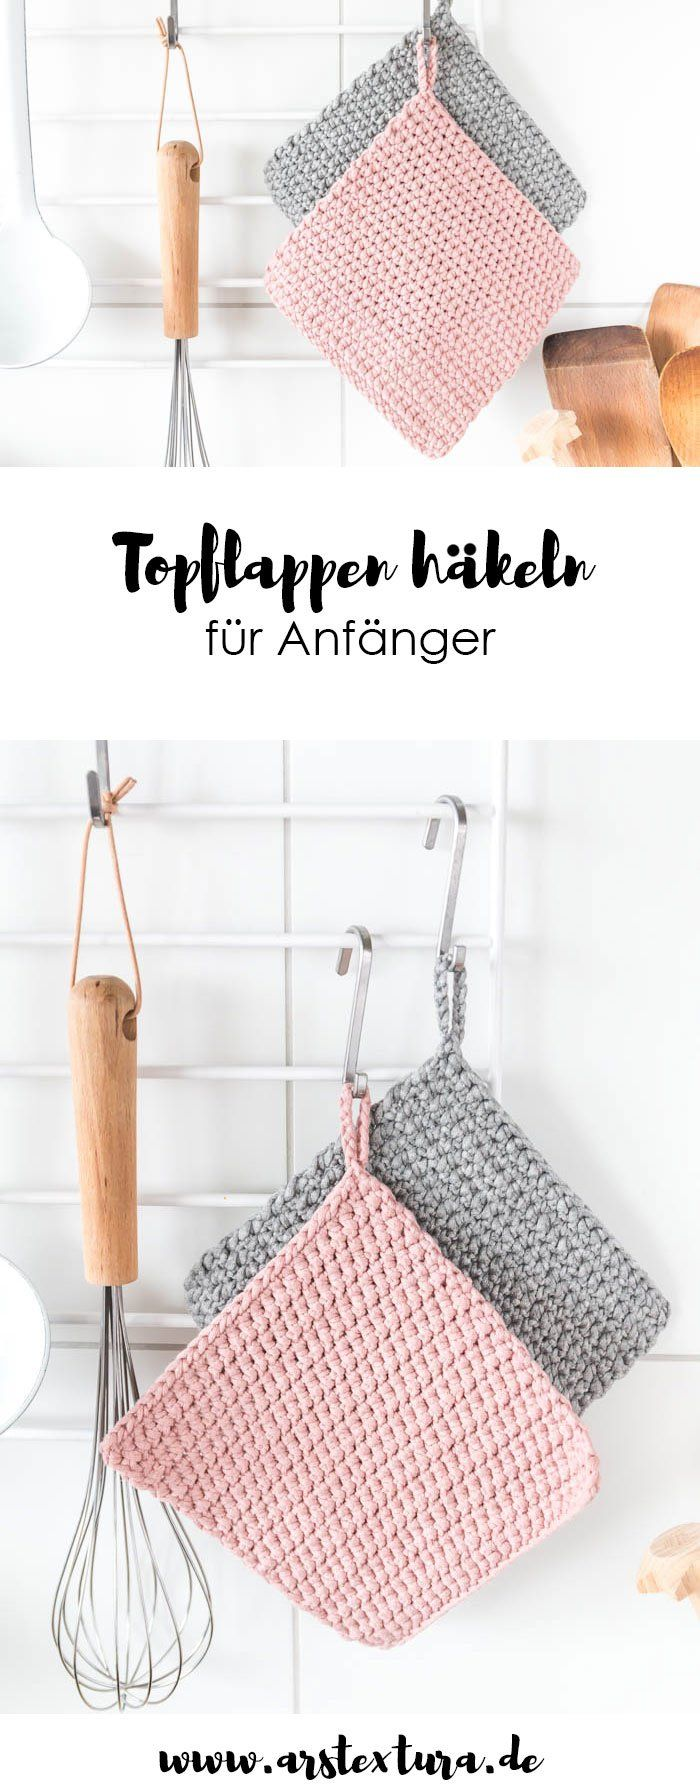 Topflappen häkeln für Anfänger | ars textura – DIY-Blog